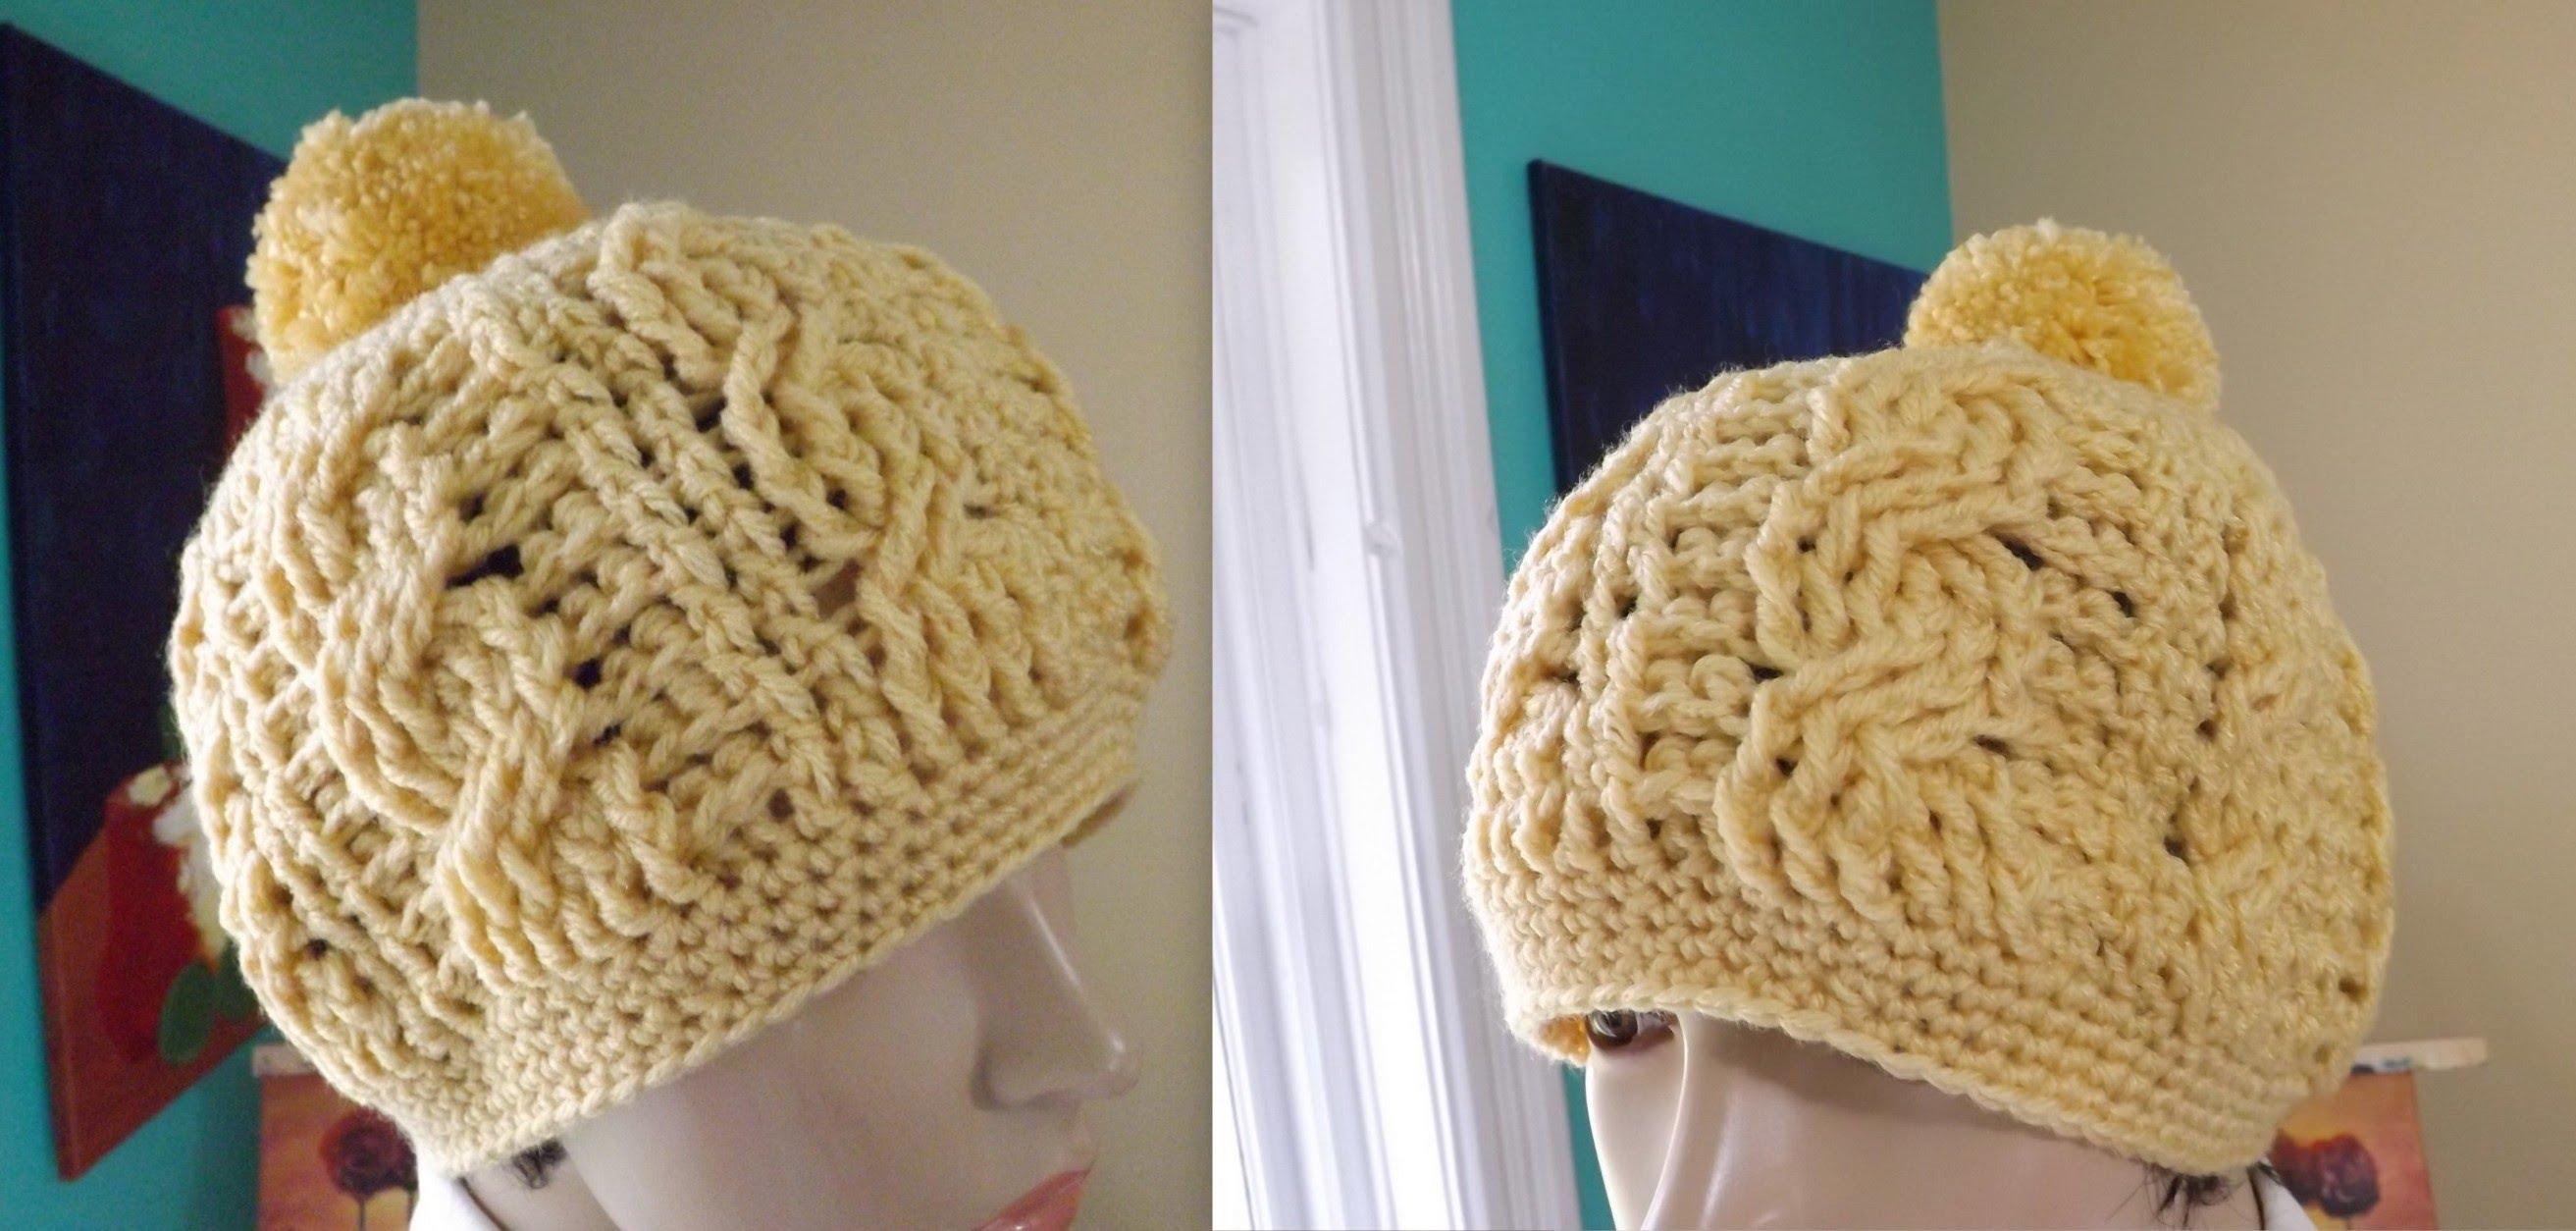 Asombroso Peón Libre Patrón De Crochet Sombrero Motivo - Ideas de ...